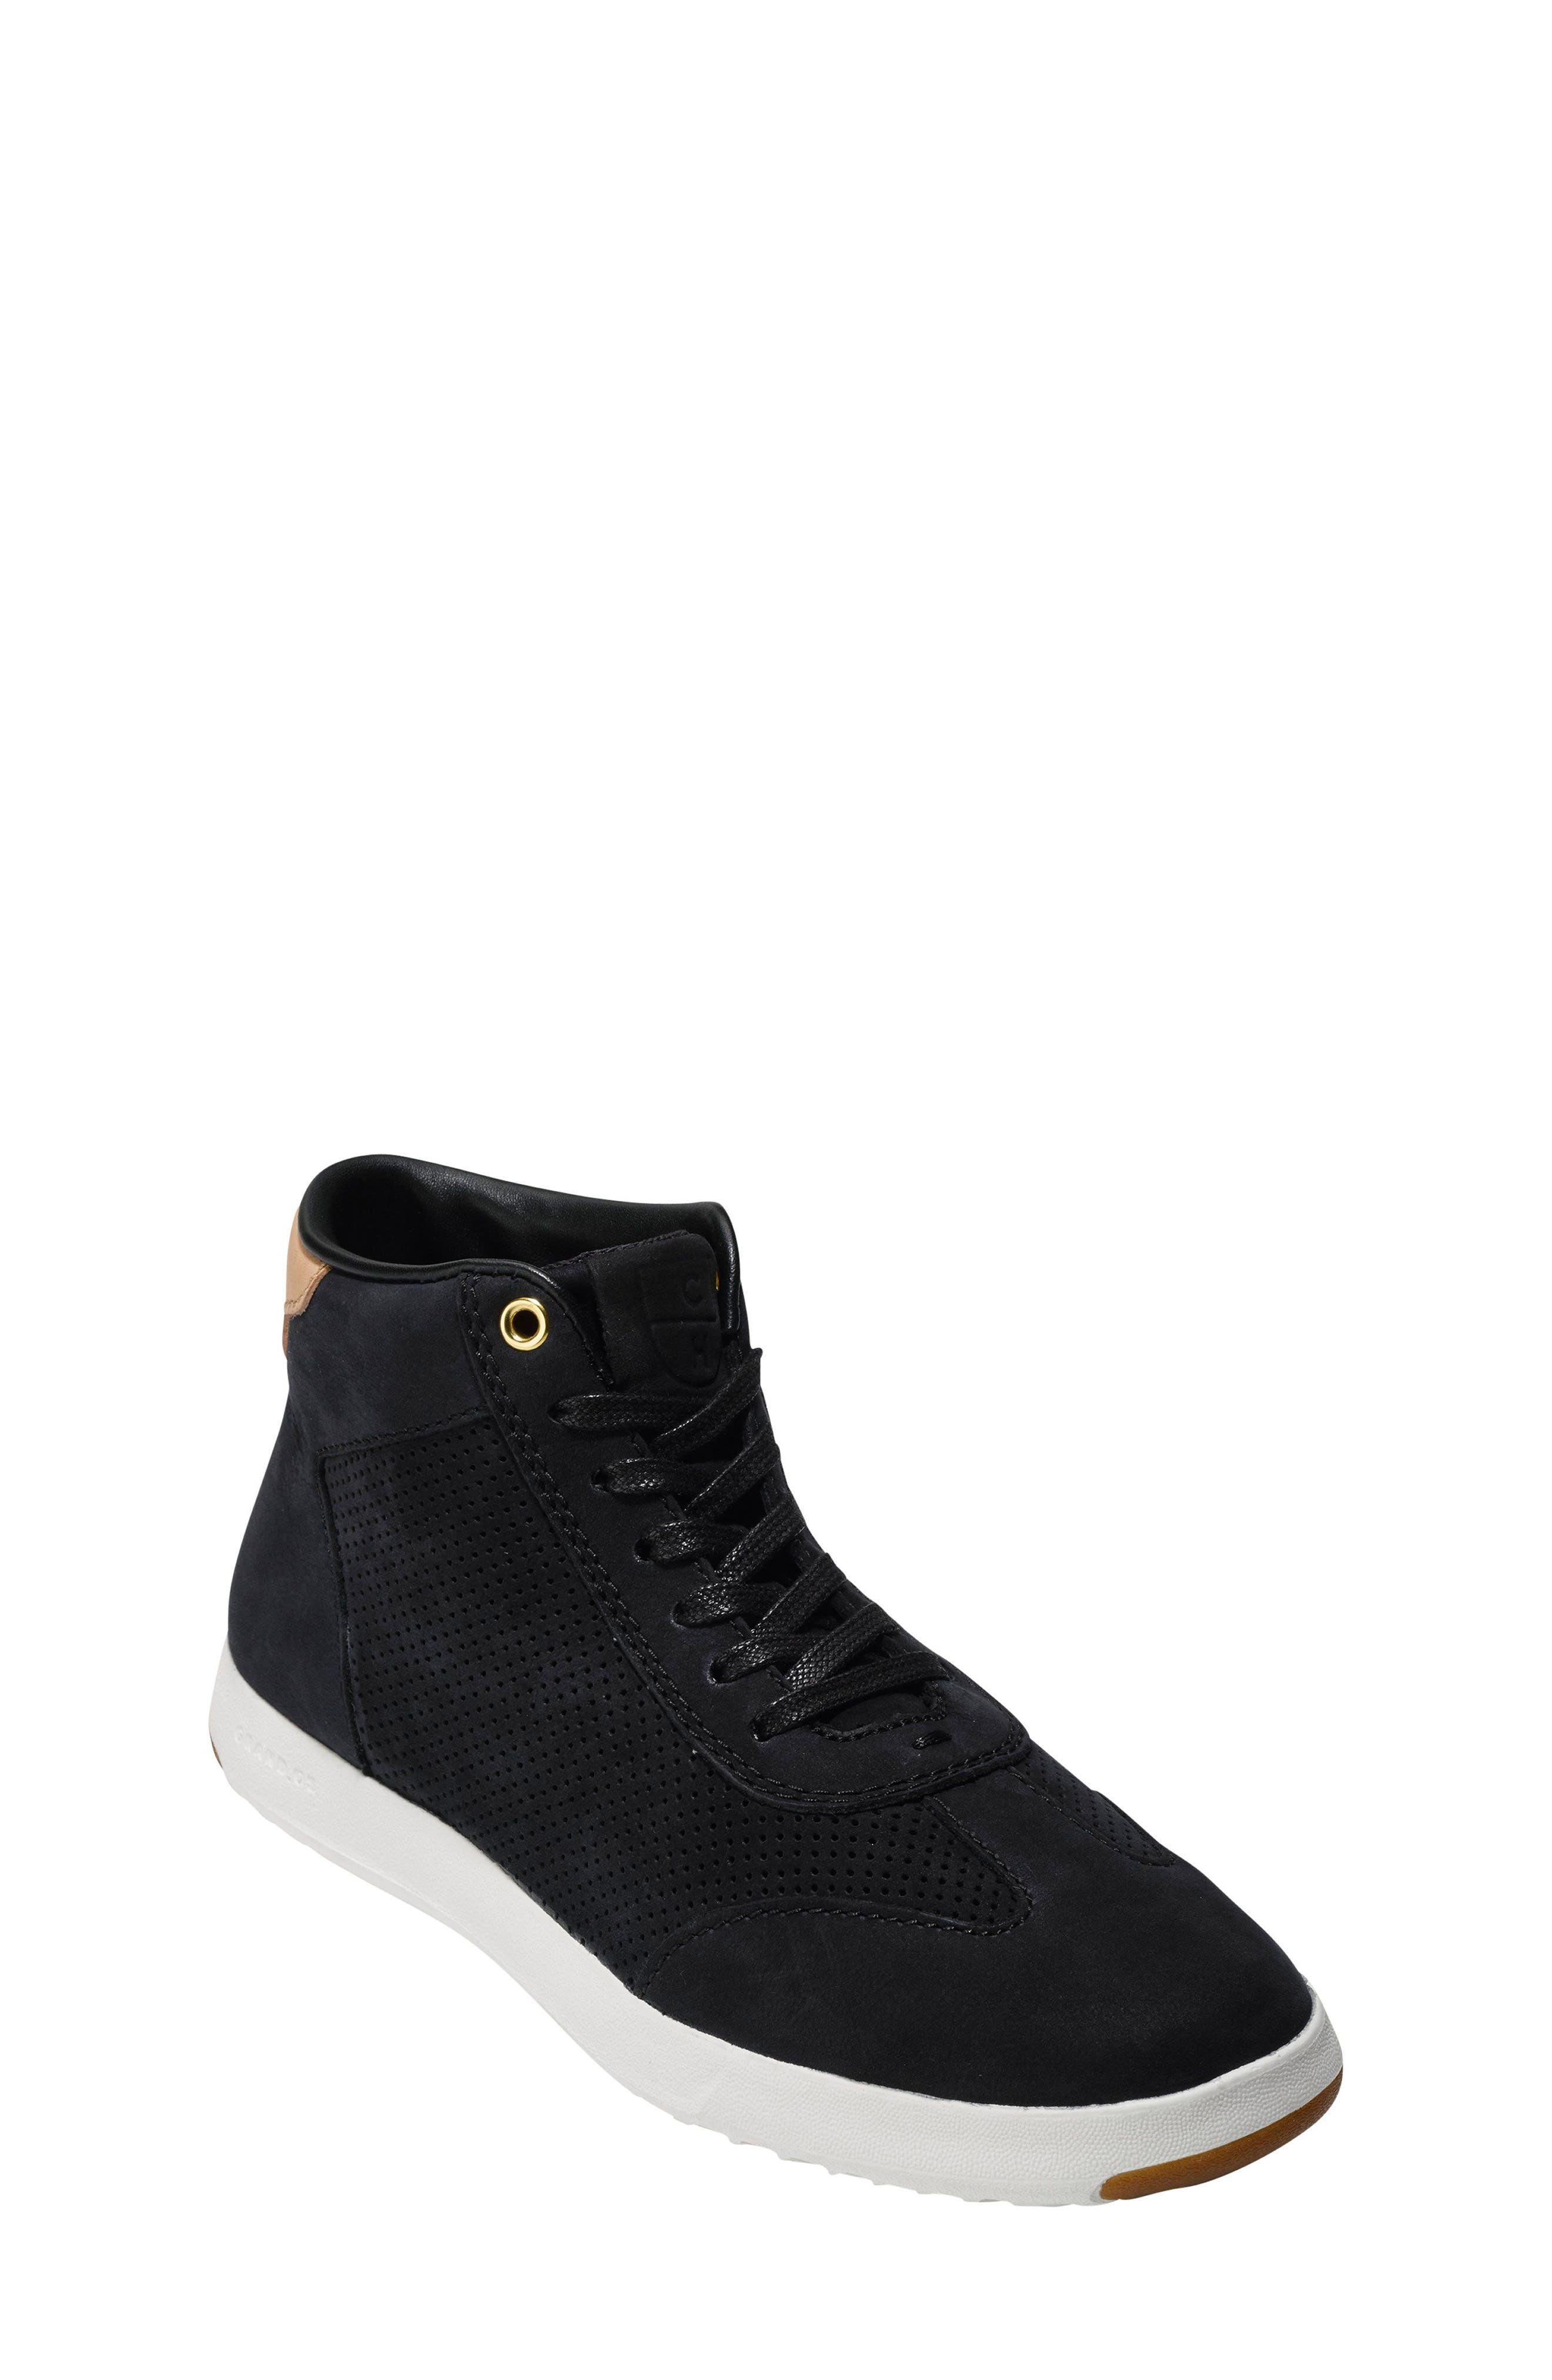 COLE HAAN Grandpro High Top Sneaker